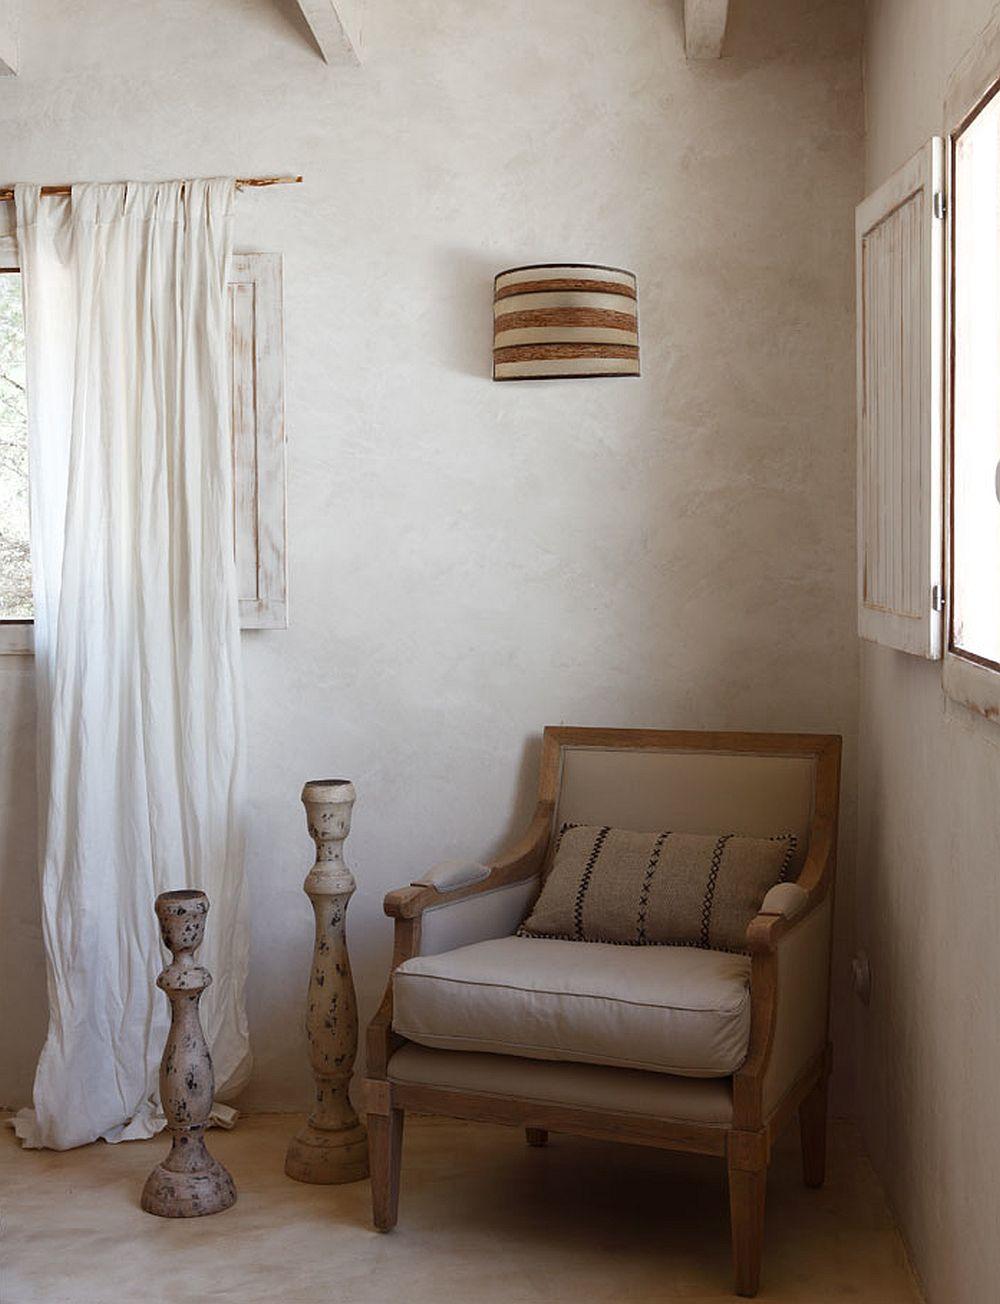 adelaparvu.com despre casa rustica simpla, casa Spania Formentera, Foto Menossi Fotografo (14)